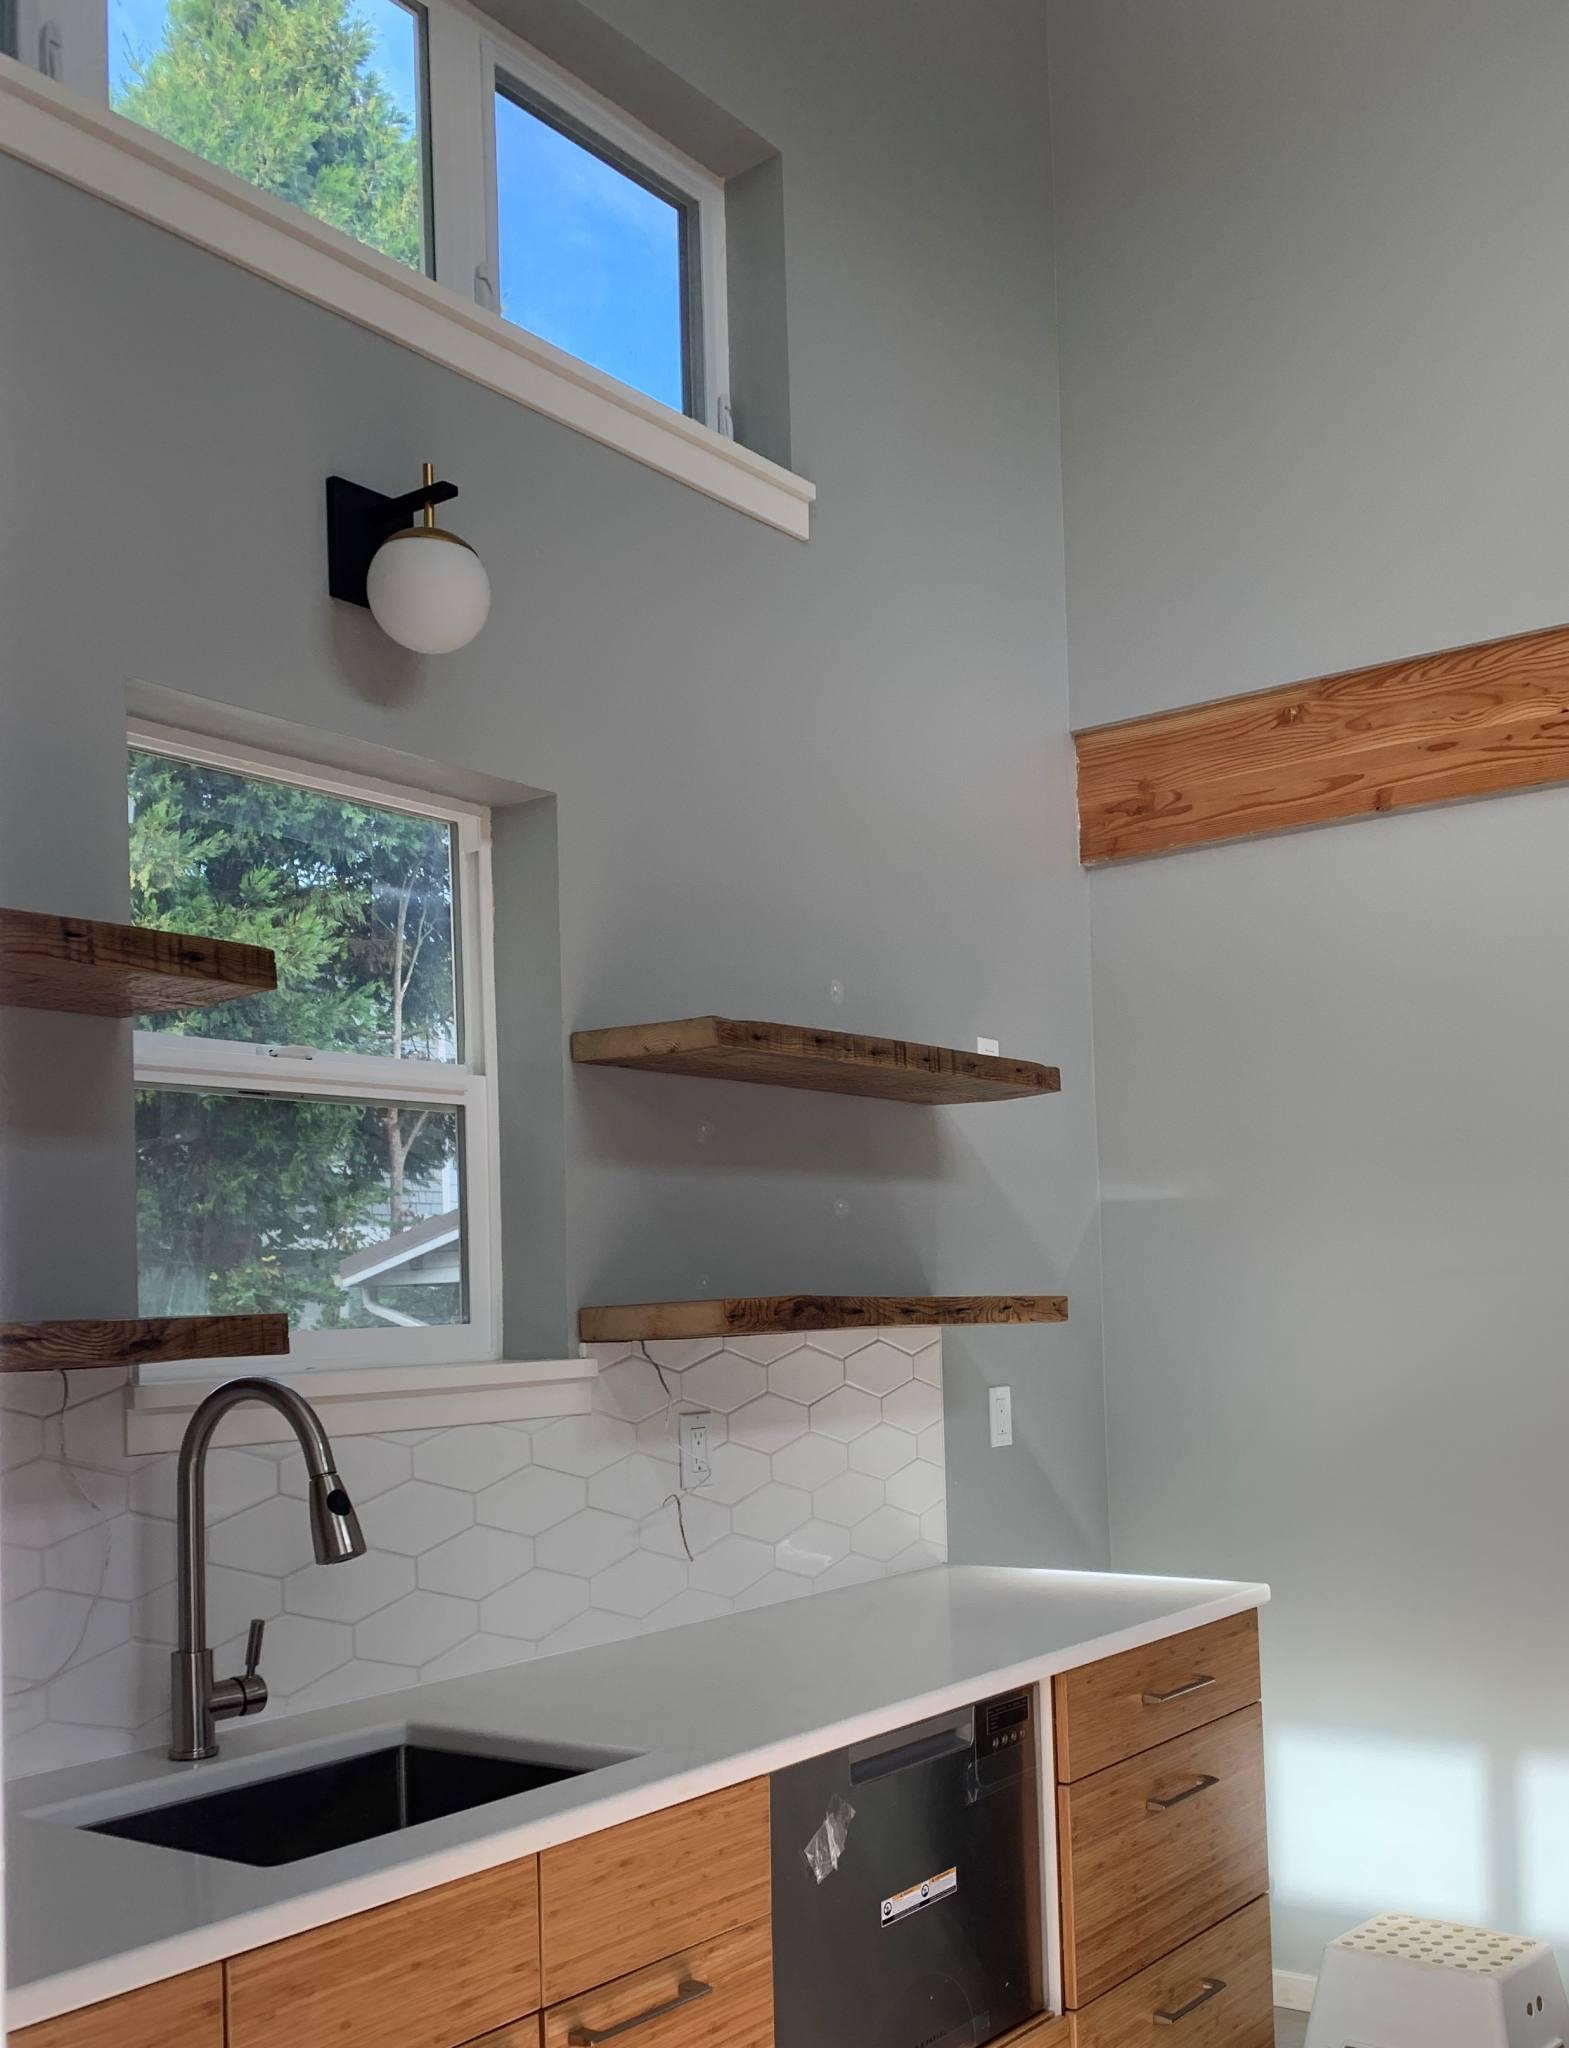 DADU Kitchen Interior